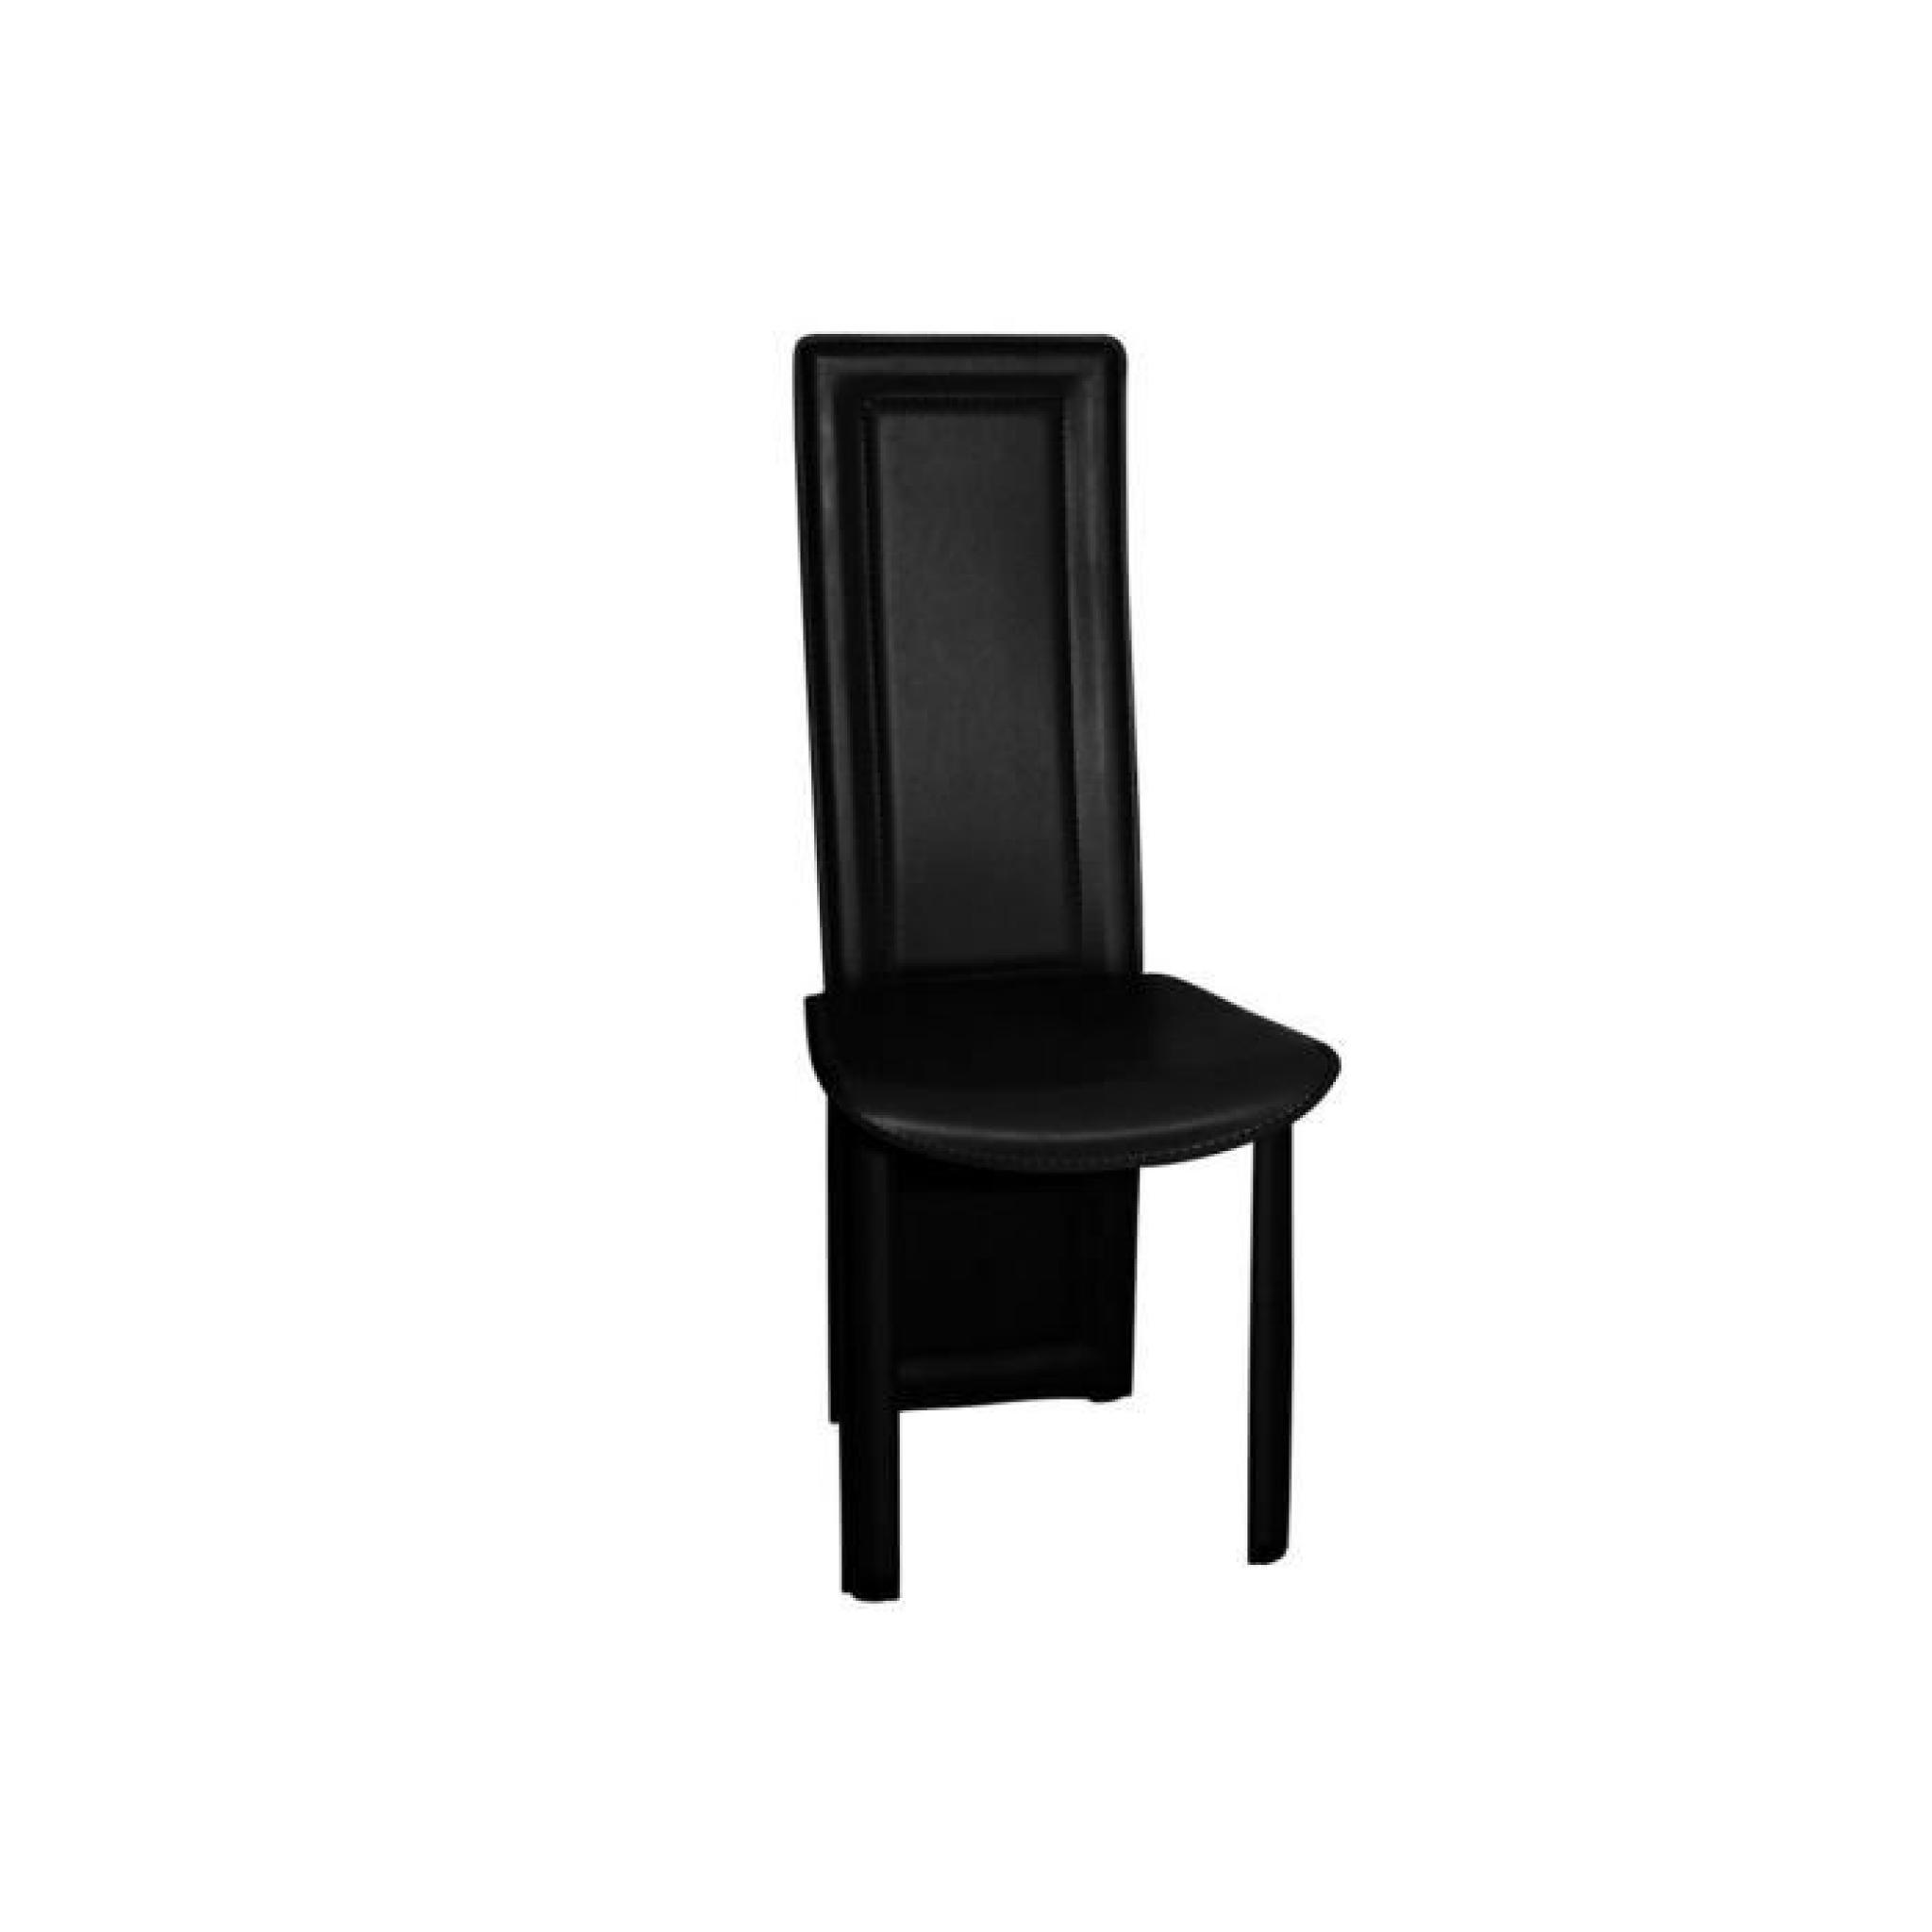 Lot de 4 chaises salle a manger noires asya achat vente - Lot de 6 chaises noires ...